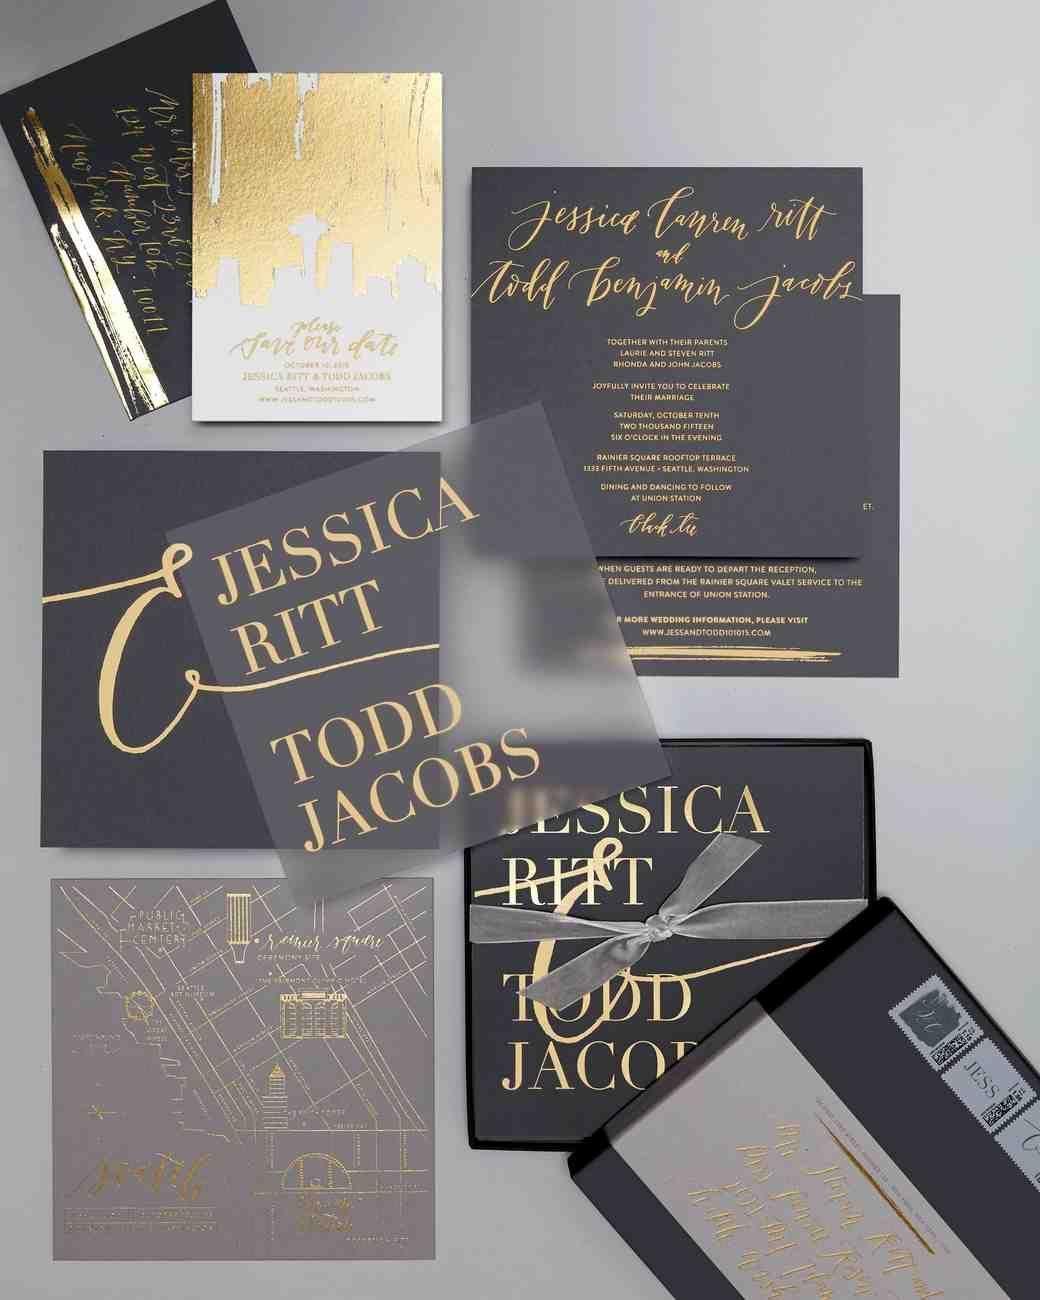 Goldinvestment Con Immagini Partecipazioni Nozze Idee Per Matrimoni Partecipazioni Matrimoniali